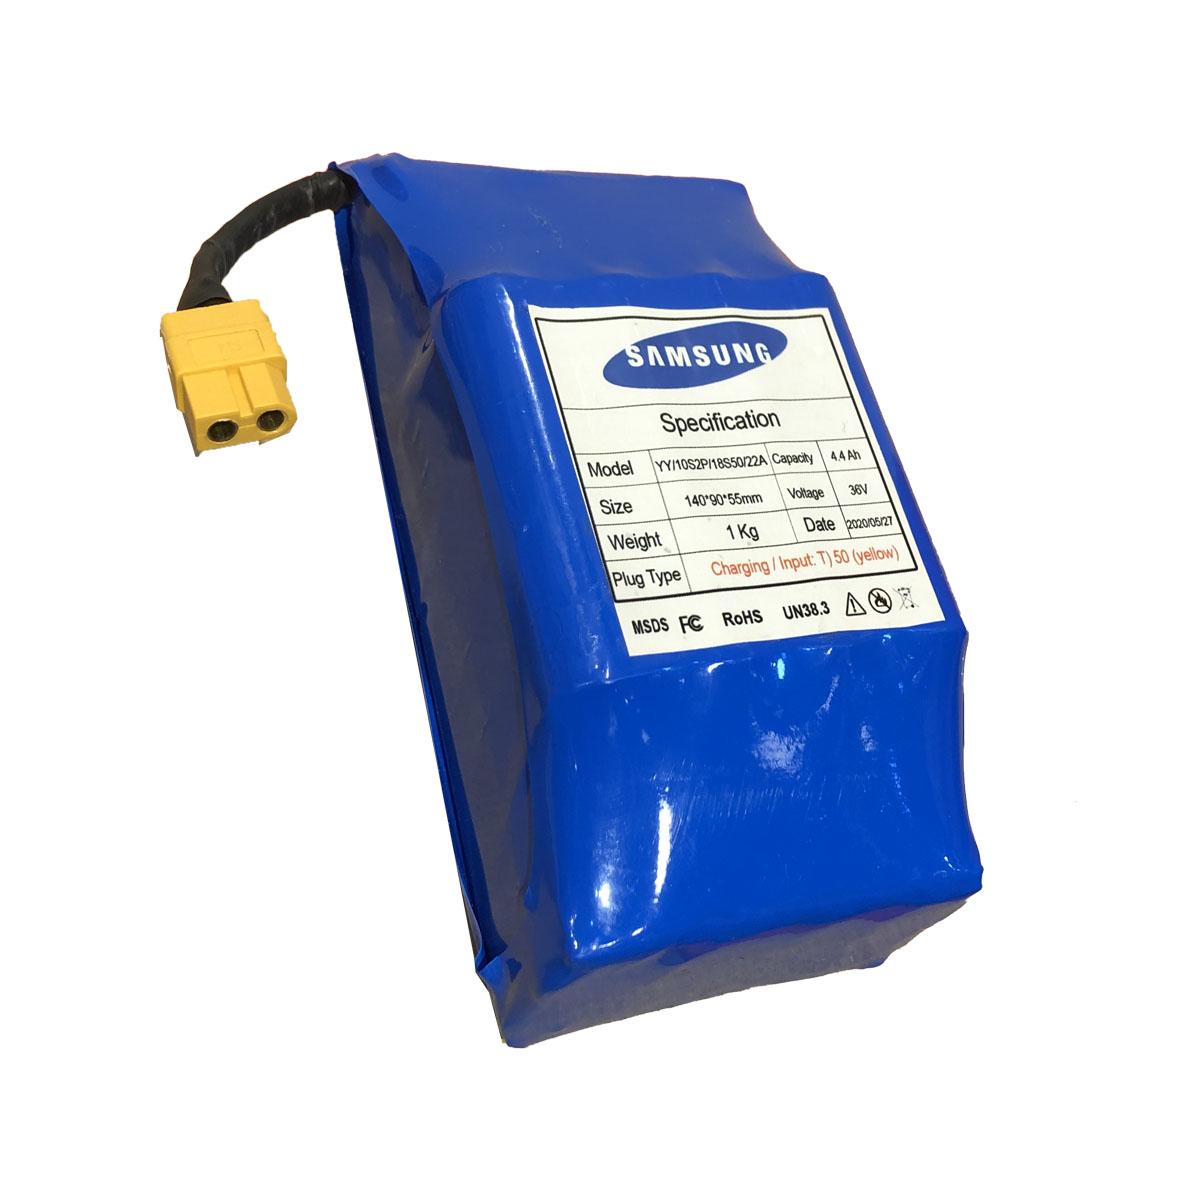 باتری اسکوتر برقی سامسونگ مدل 001